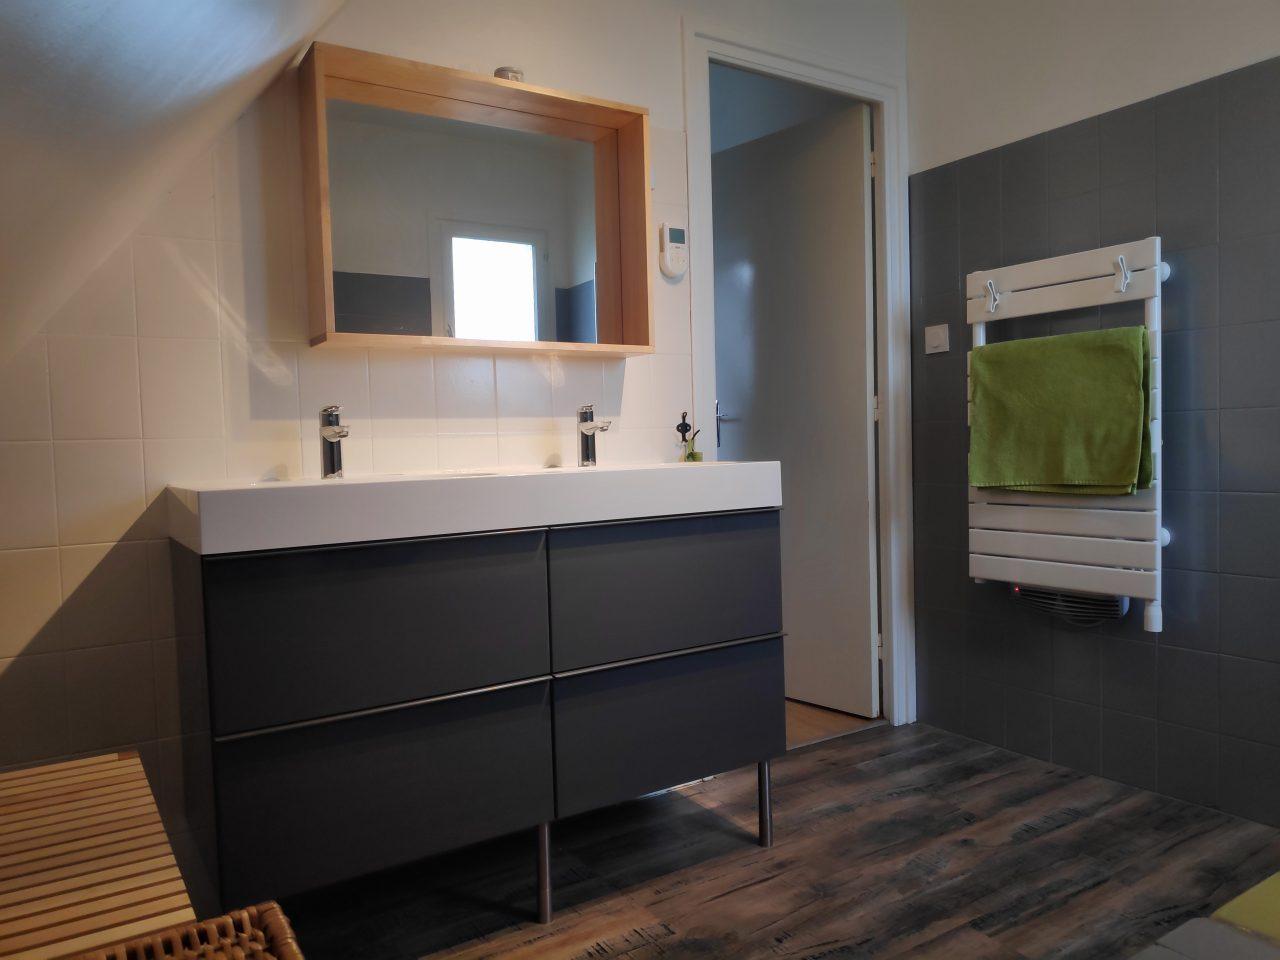 rénovation salle de bains sol stratifié meuble double vasque miroir peinture sèche-serviettes Le Conquet